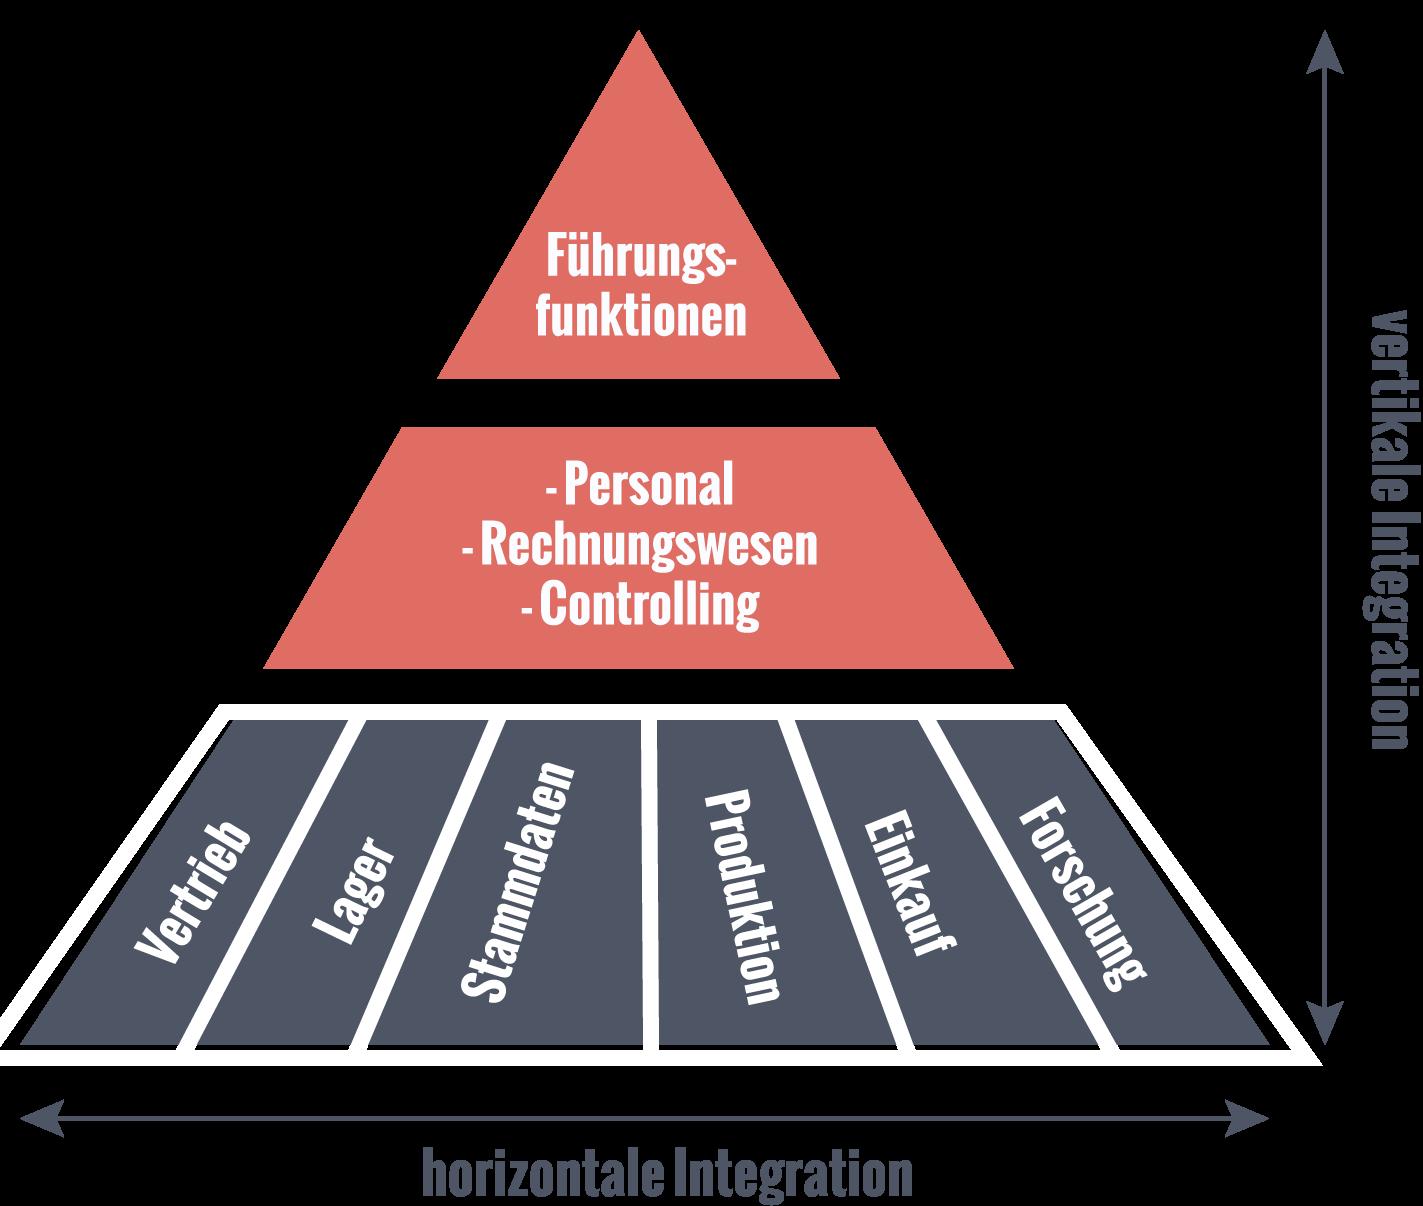 Vertikale und horizontale Integration eines ERP-Systems